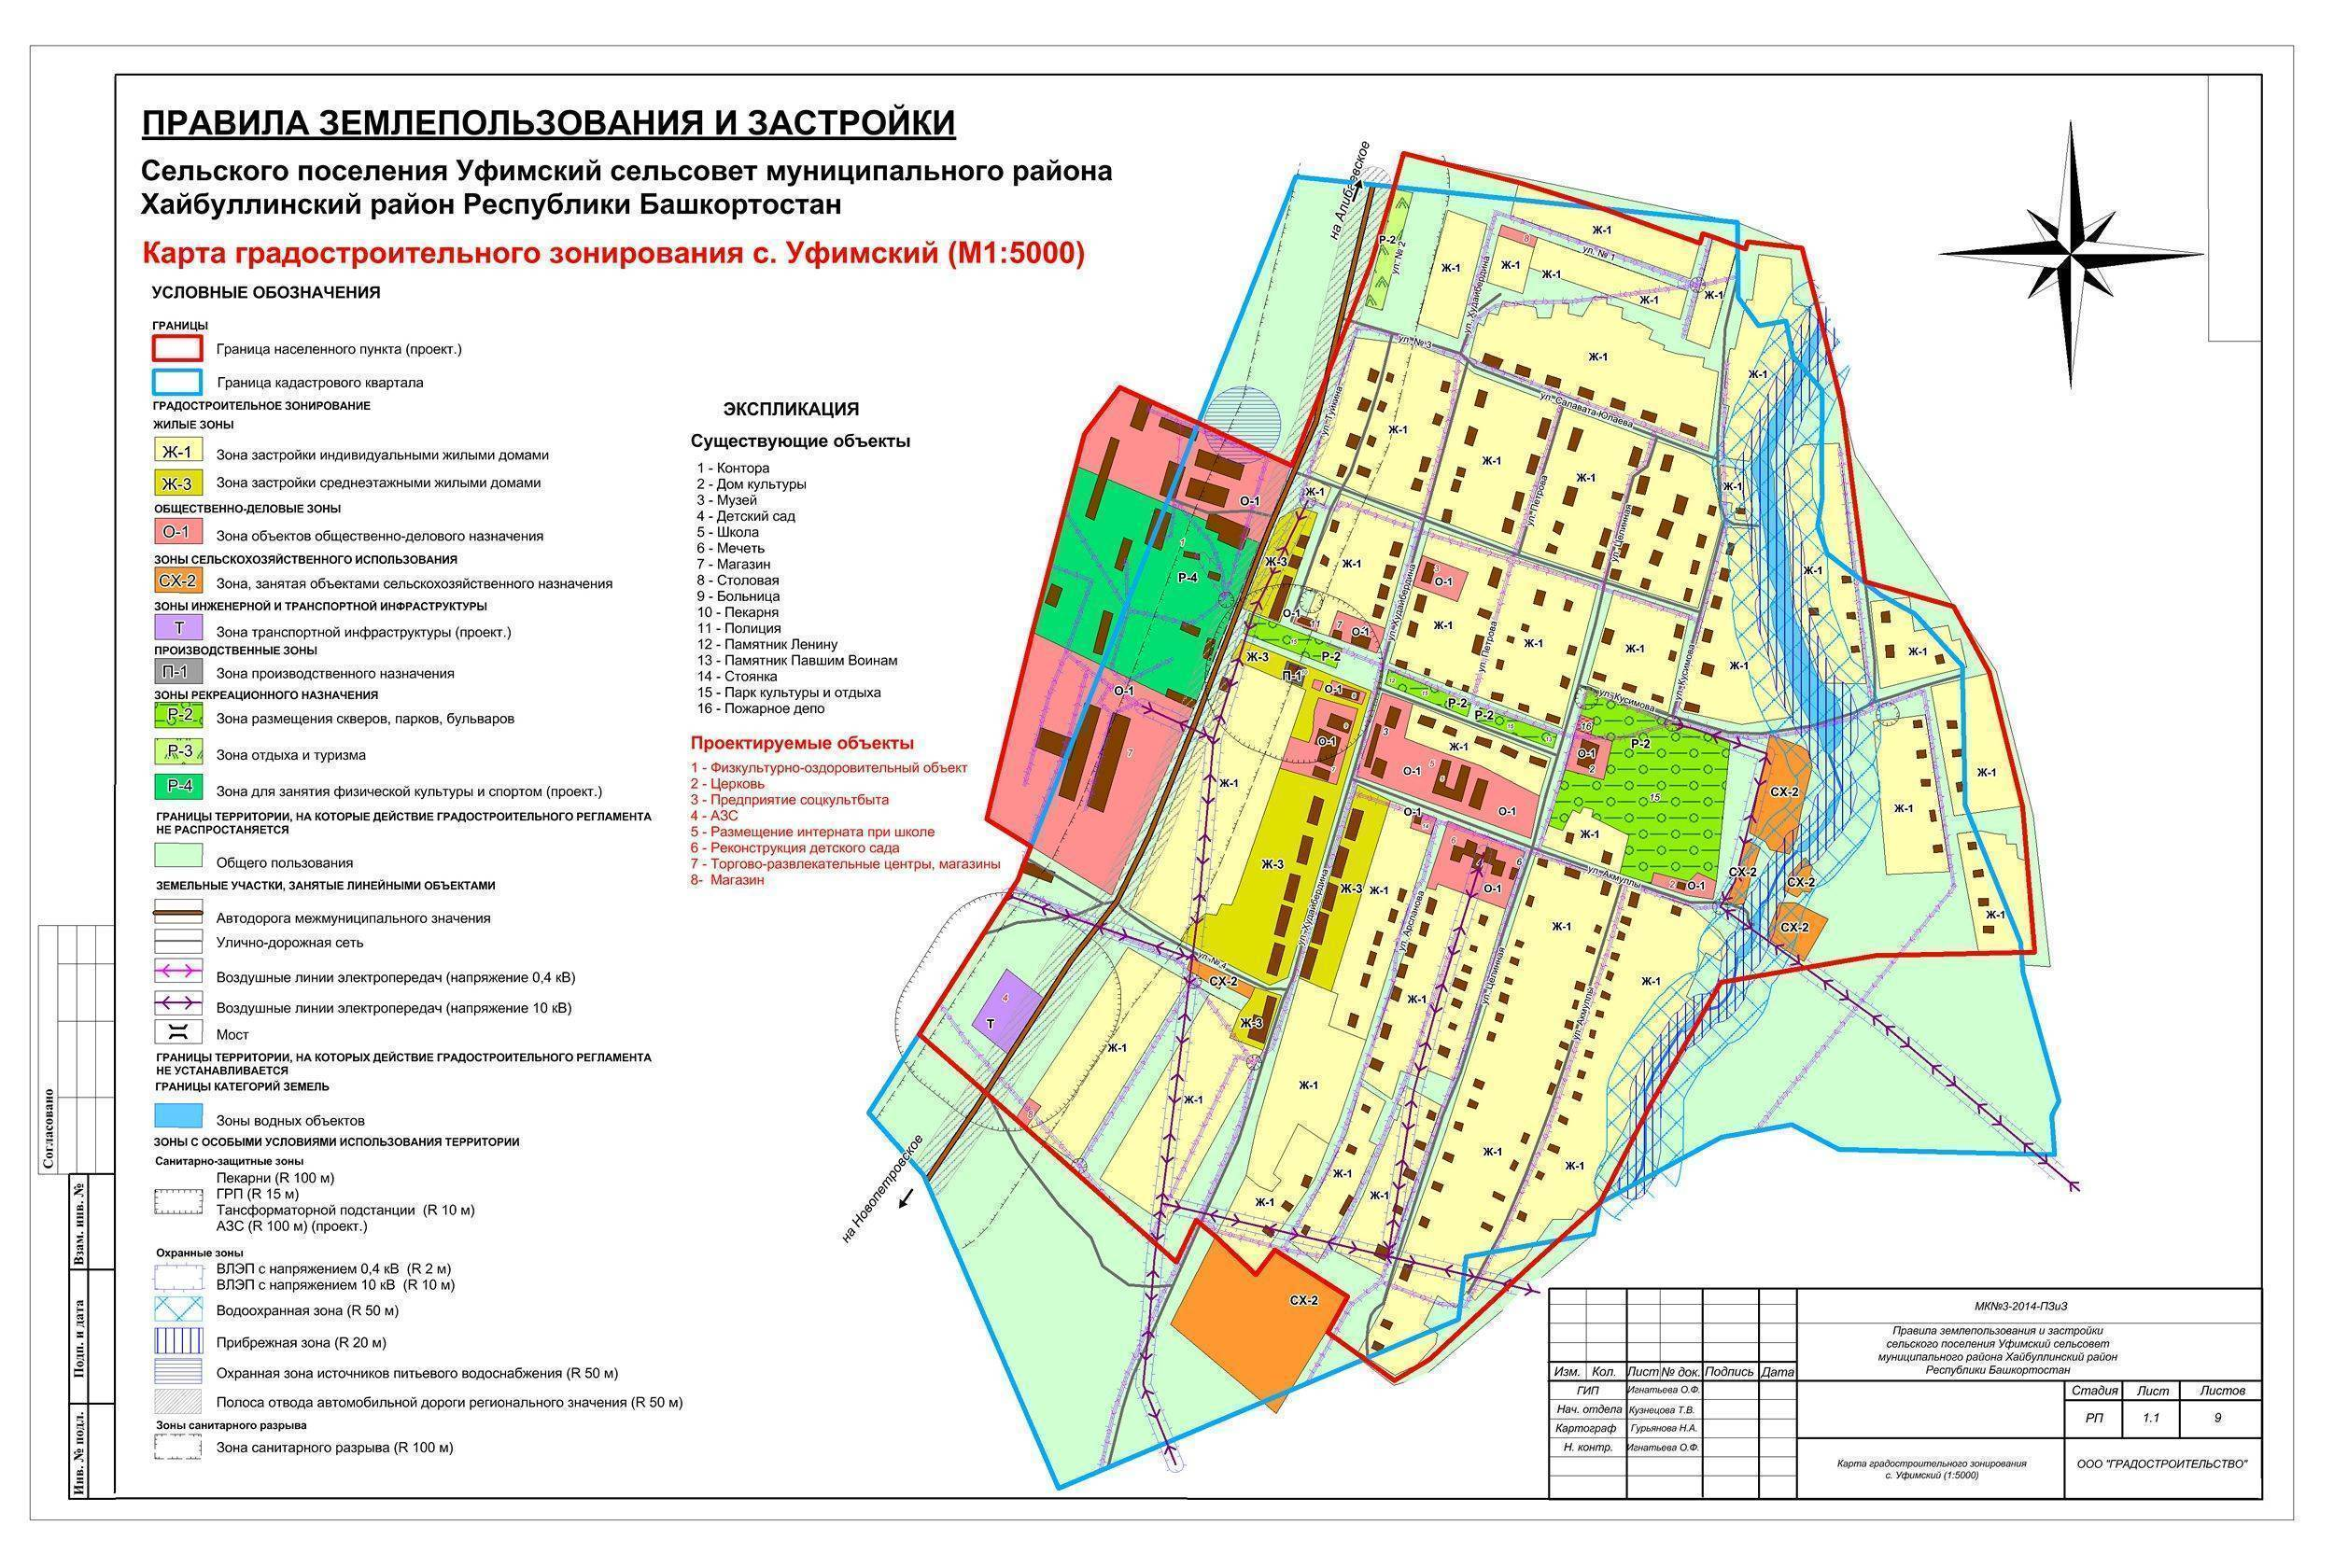 Правила землепользования и застройки (пзз): что это, градостроительное зонирование и план территории по грк рф, проект внесения изменений в закон